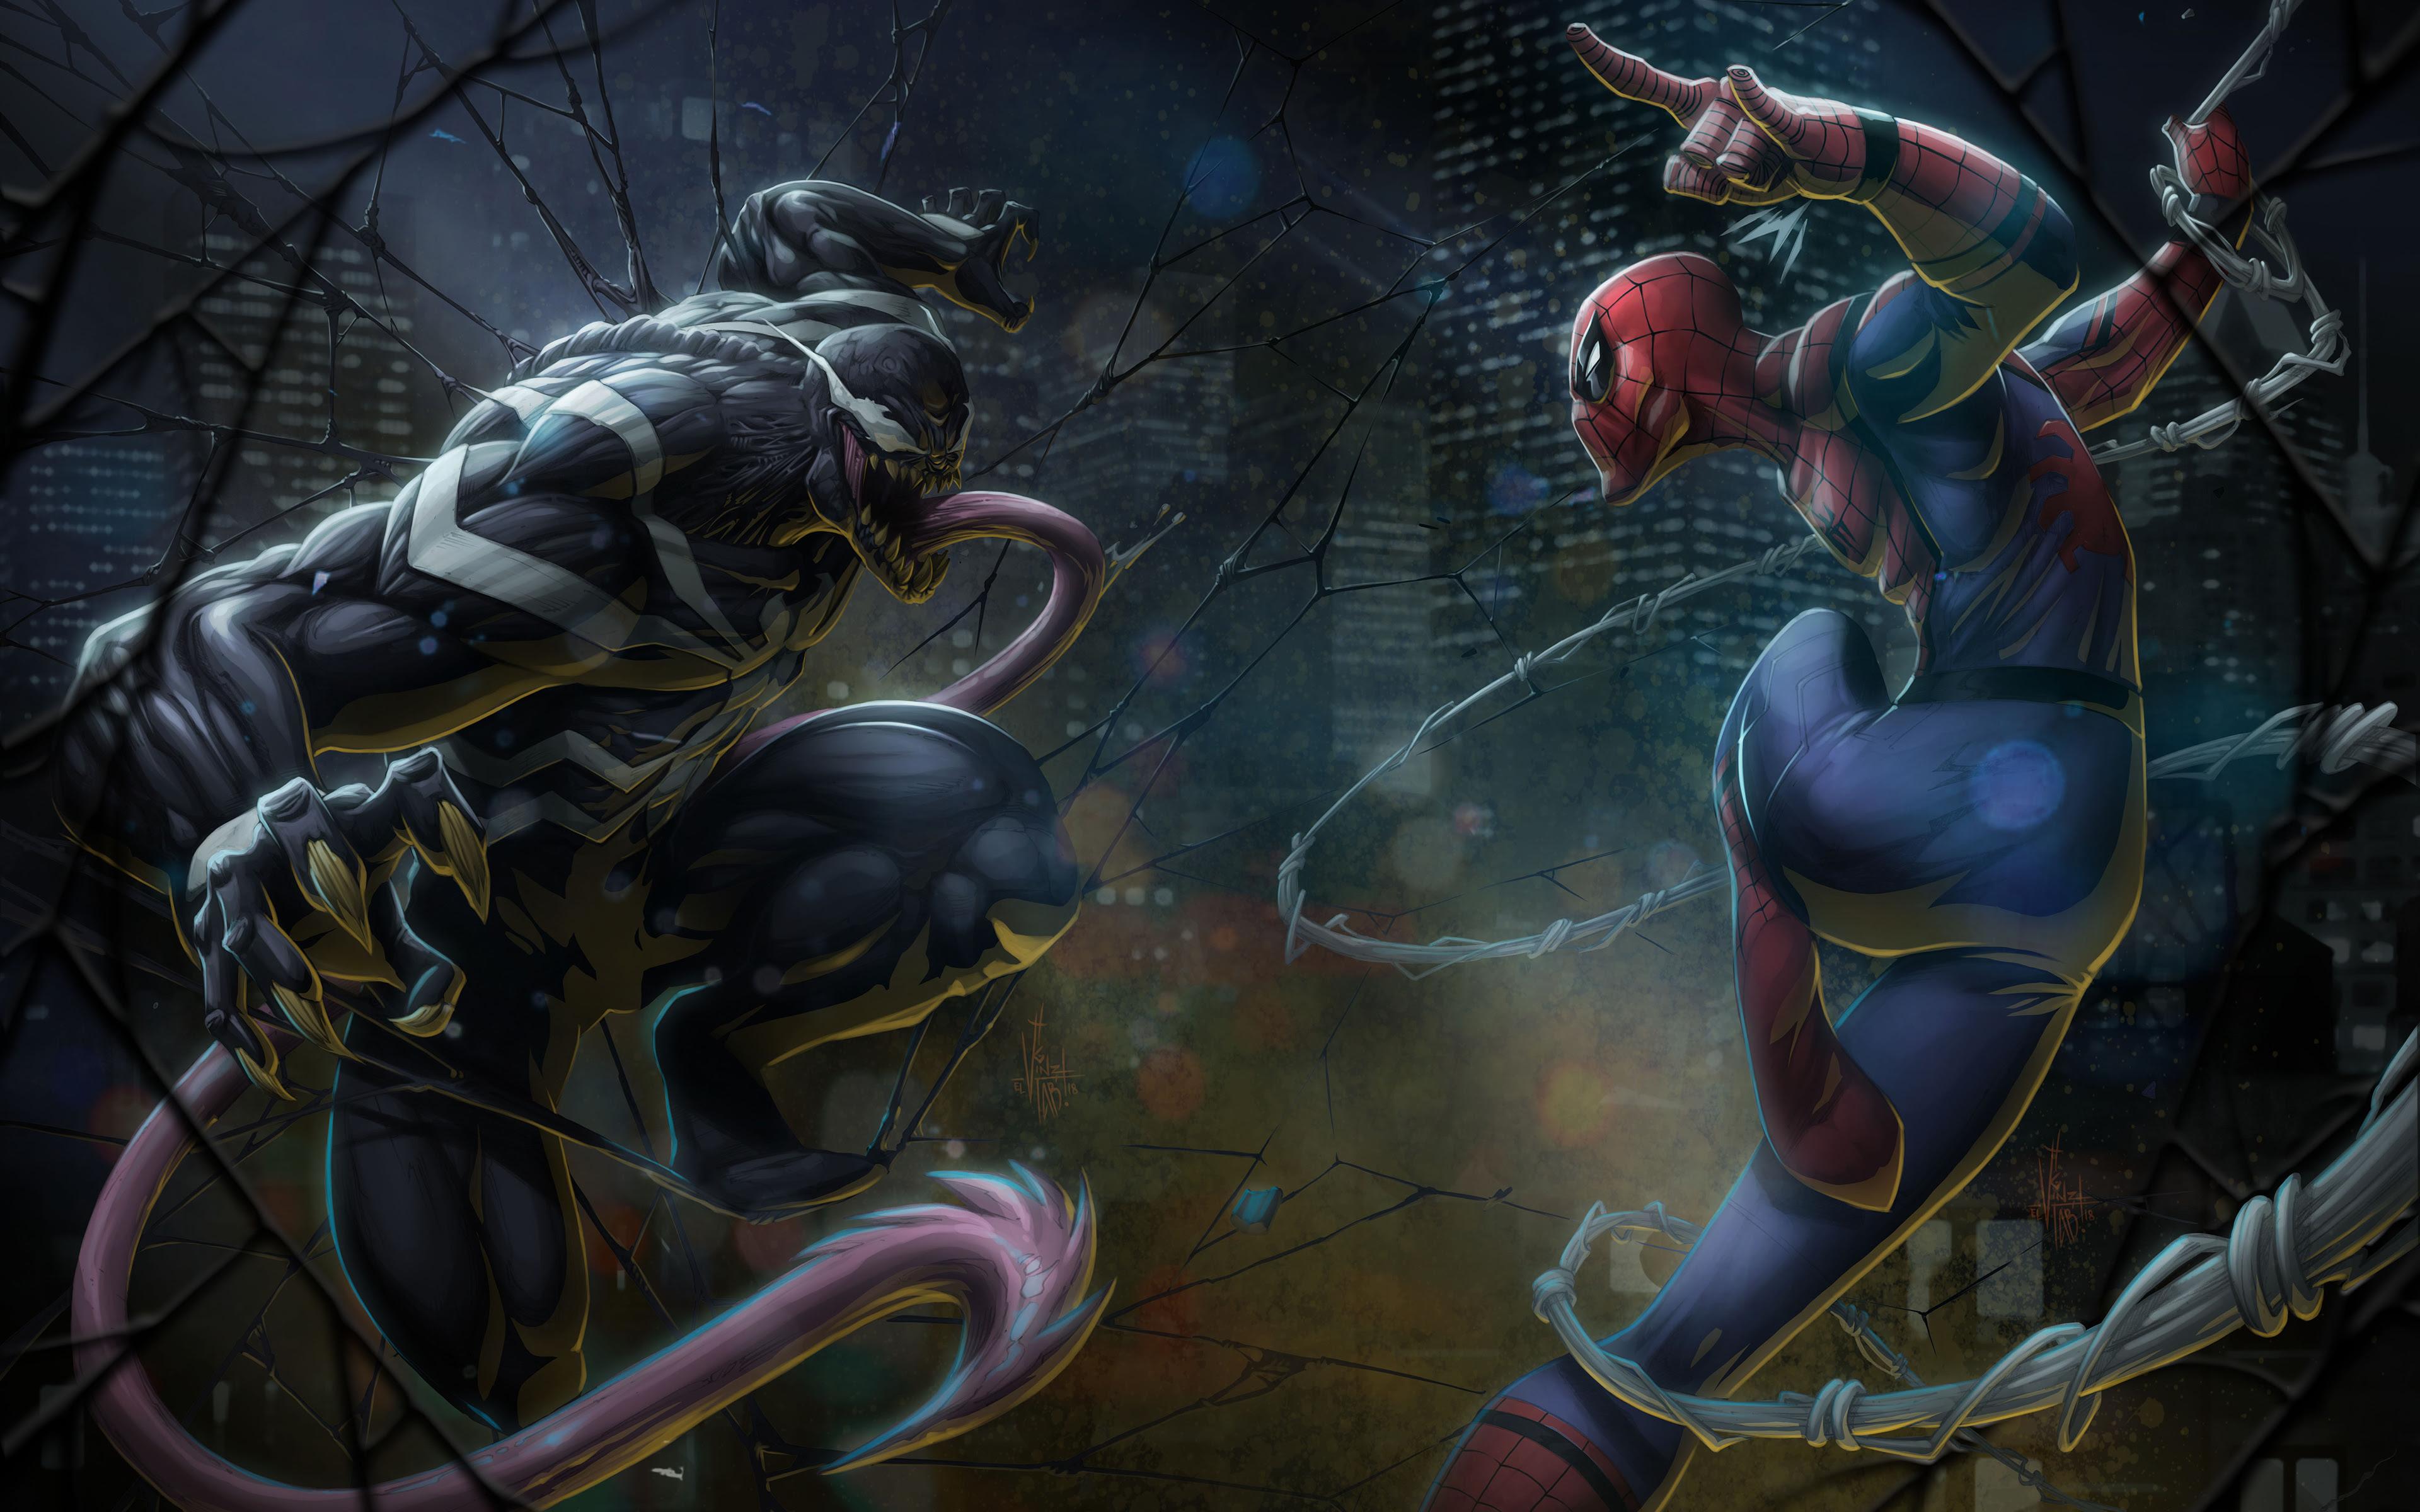 Venom Vs Spiderman Wallpaper 4k